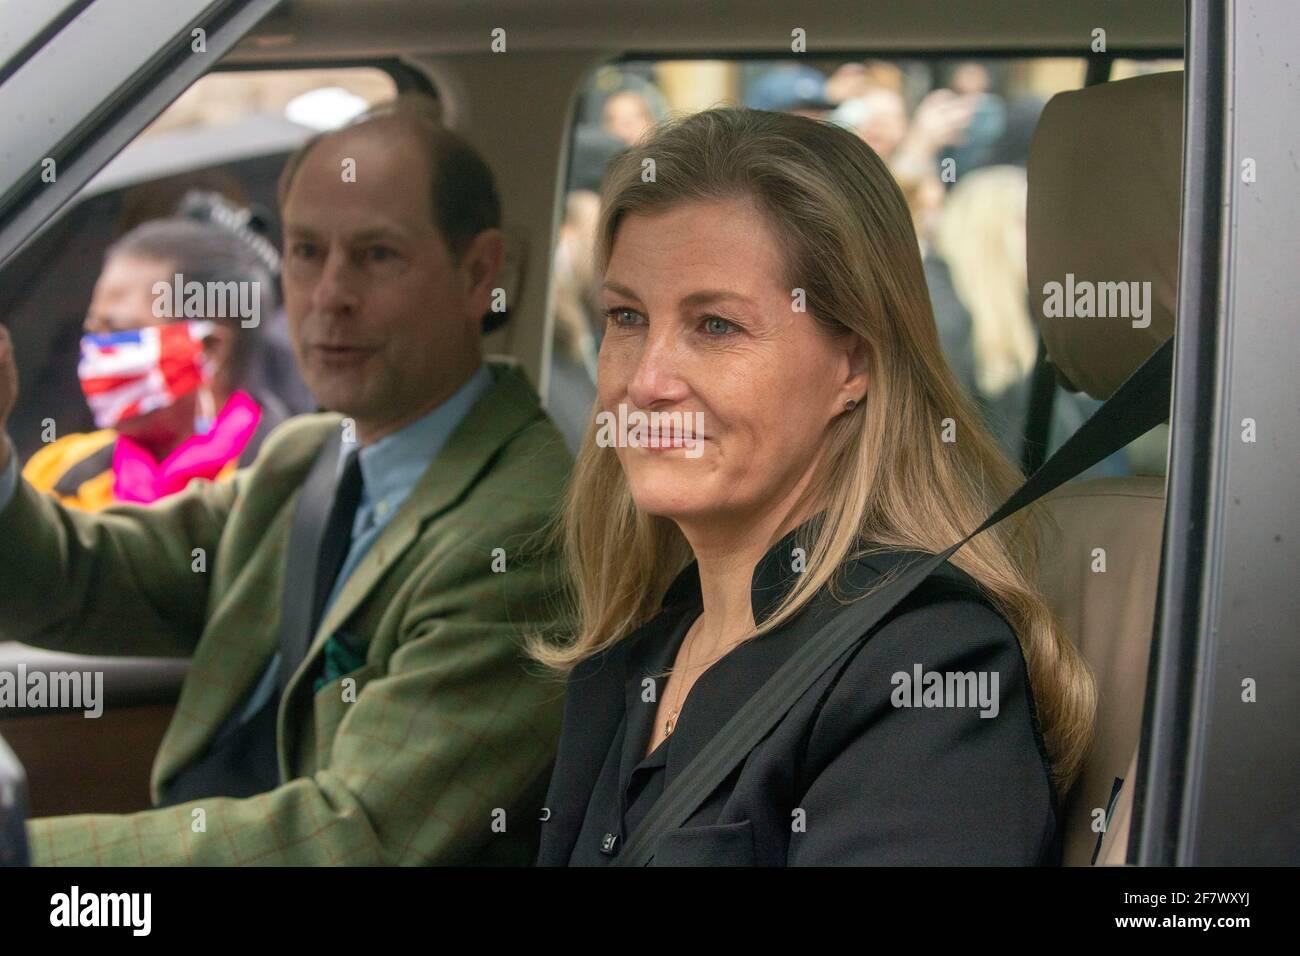 Der Graf und die Gräfin von Wessex verlassen Windsor Castle, in der Grafschaft Bekshire, nachdem der Herzog von Edinburgh im Alter von 99 Jahren verstorben war. Bilddatum: Samstag, 10. April 2021. Stockfoto